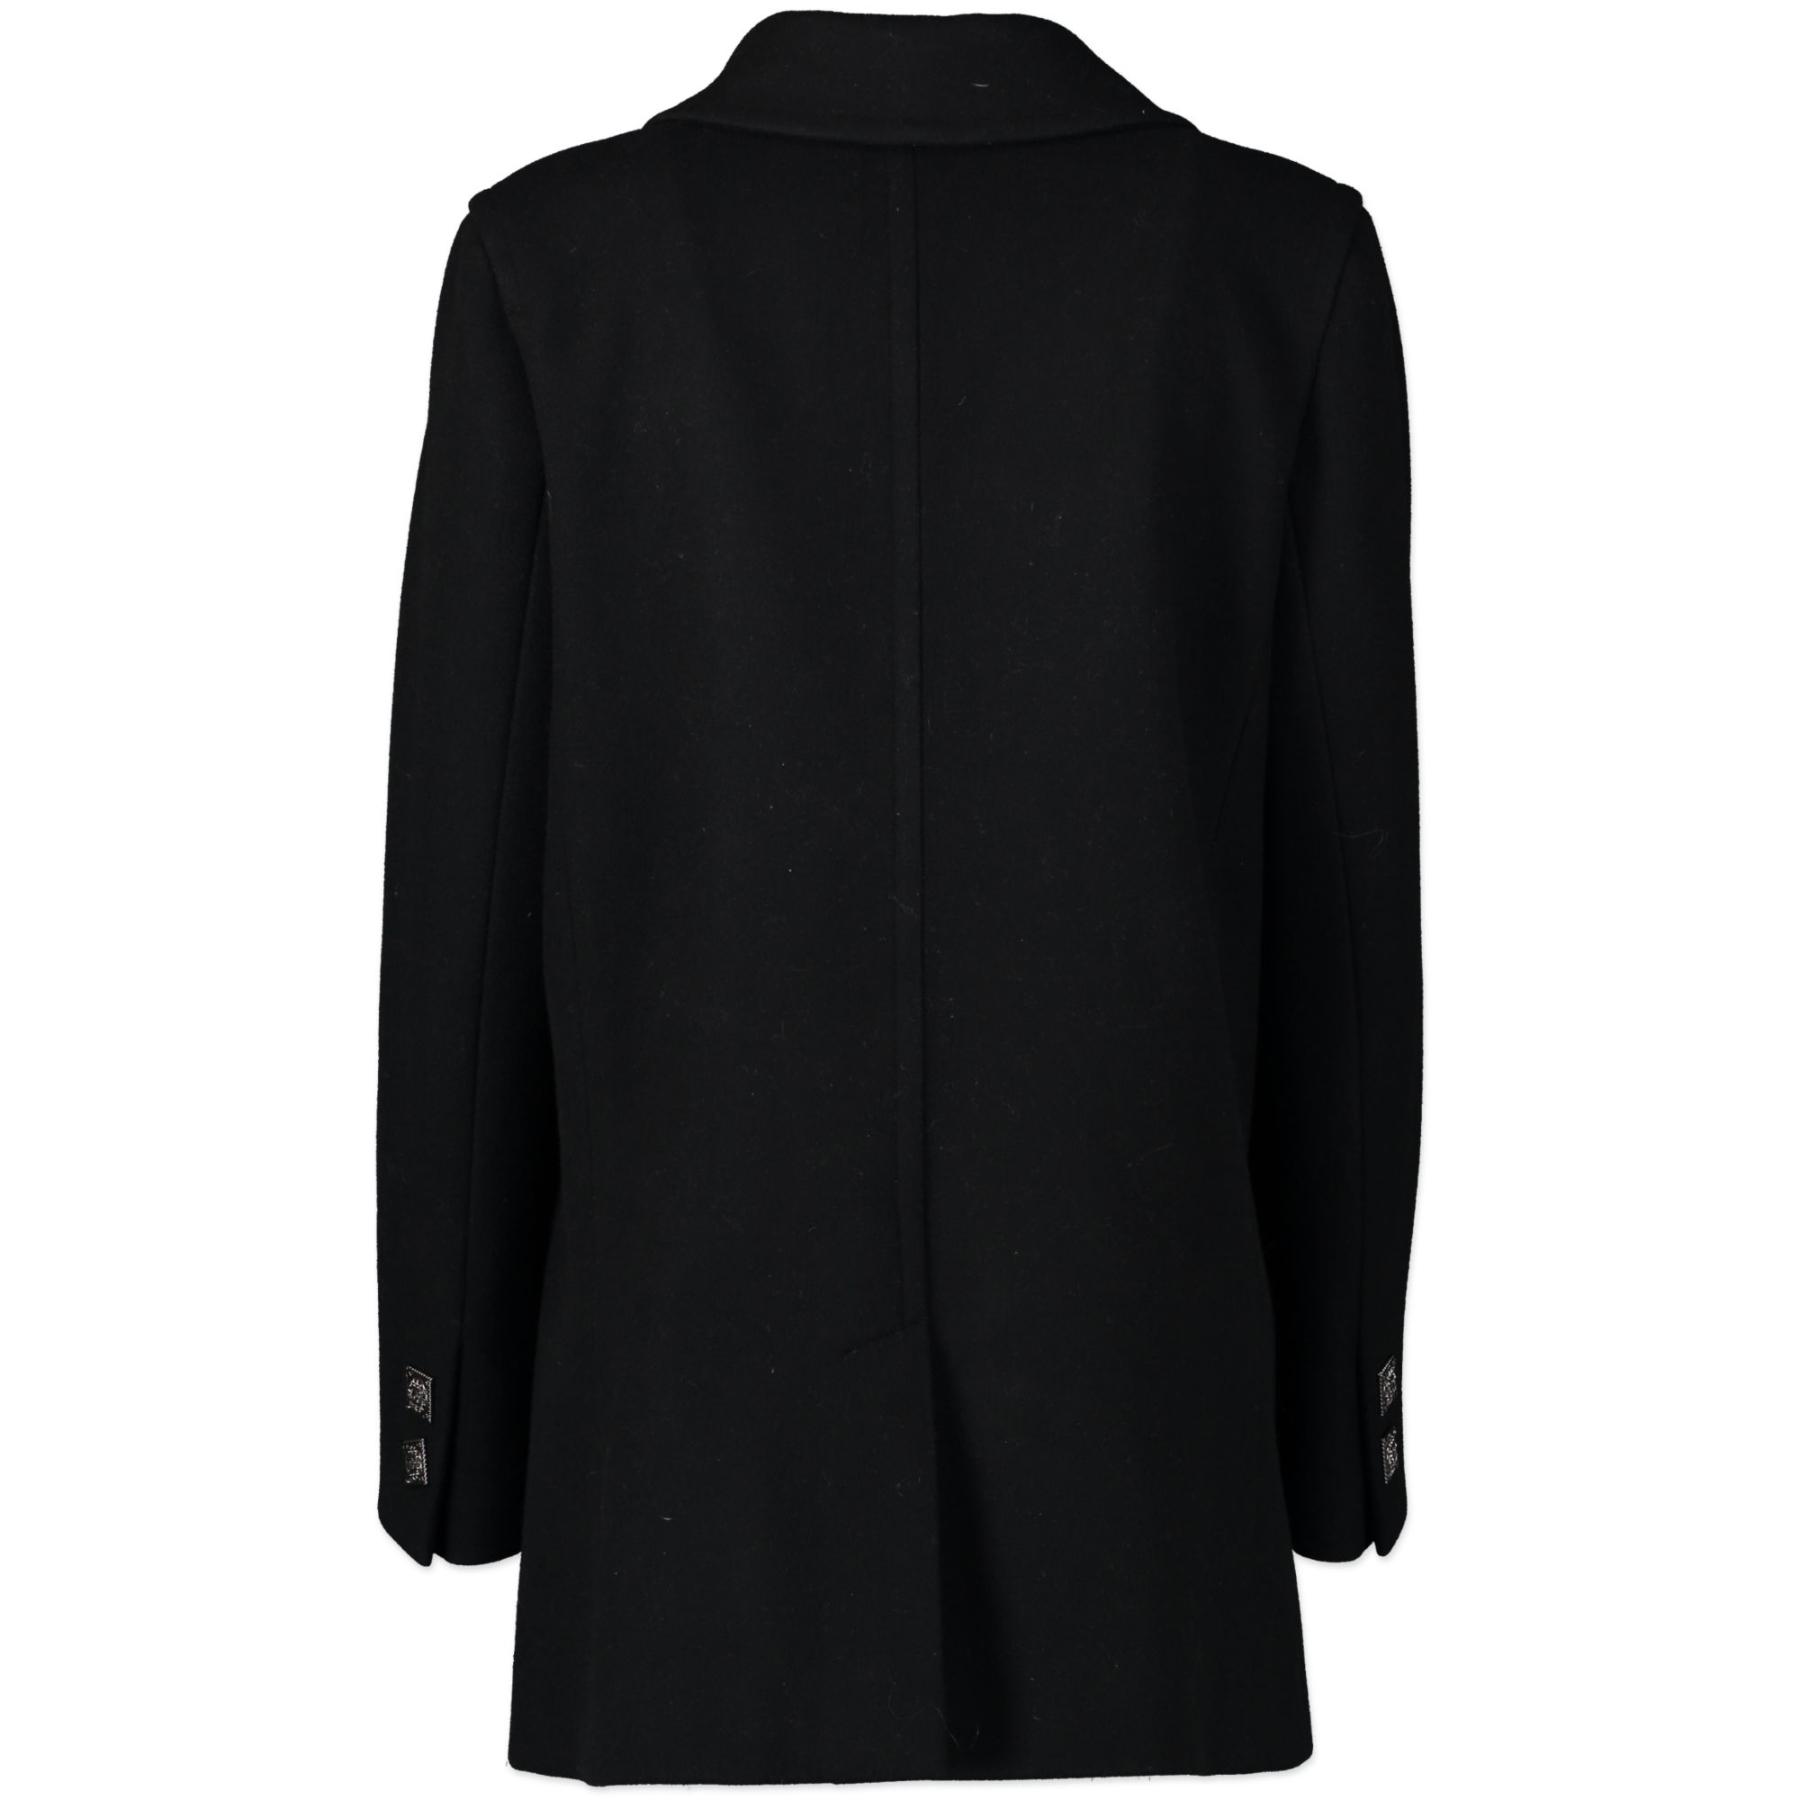 Chanel Black Wool Coat pour le meilleur prix chez Labellov à Anvers